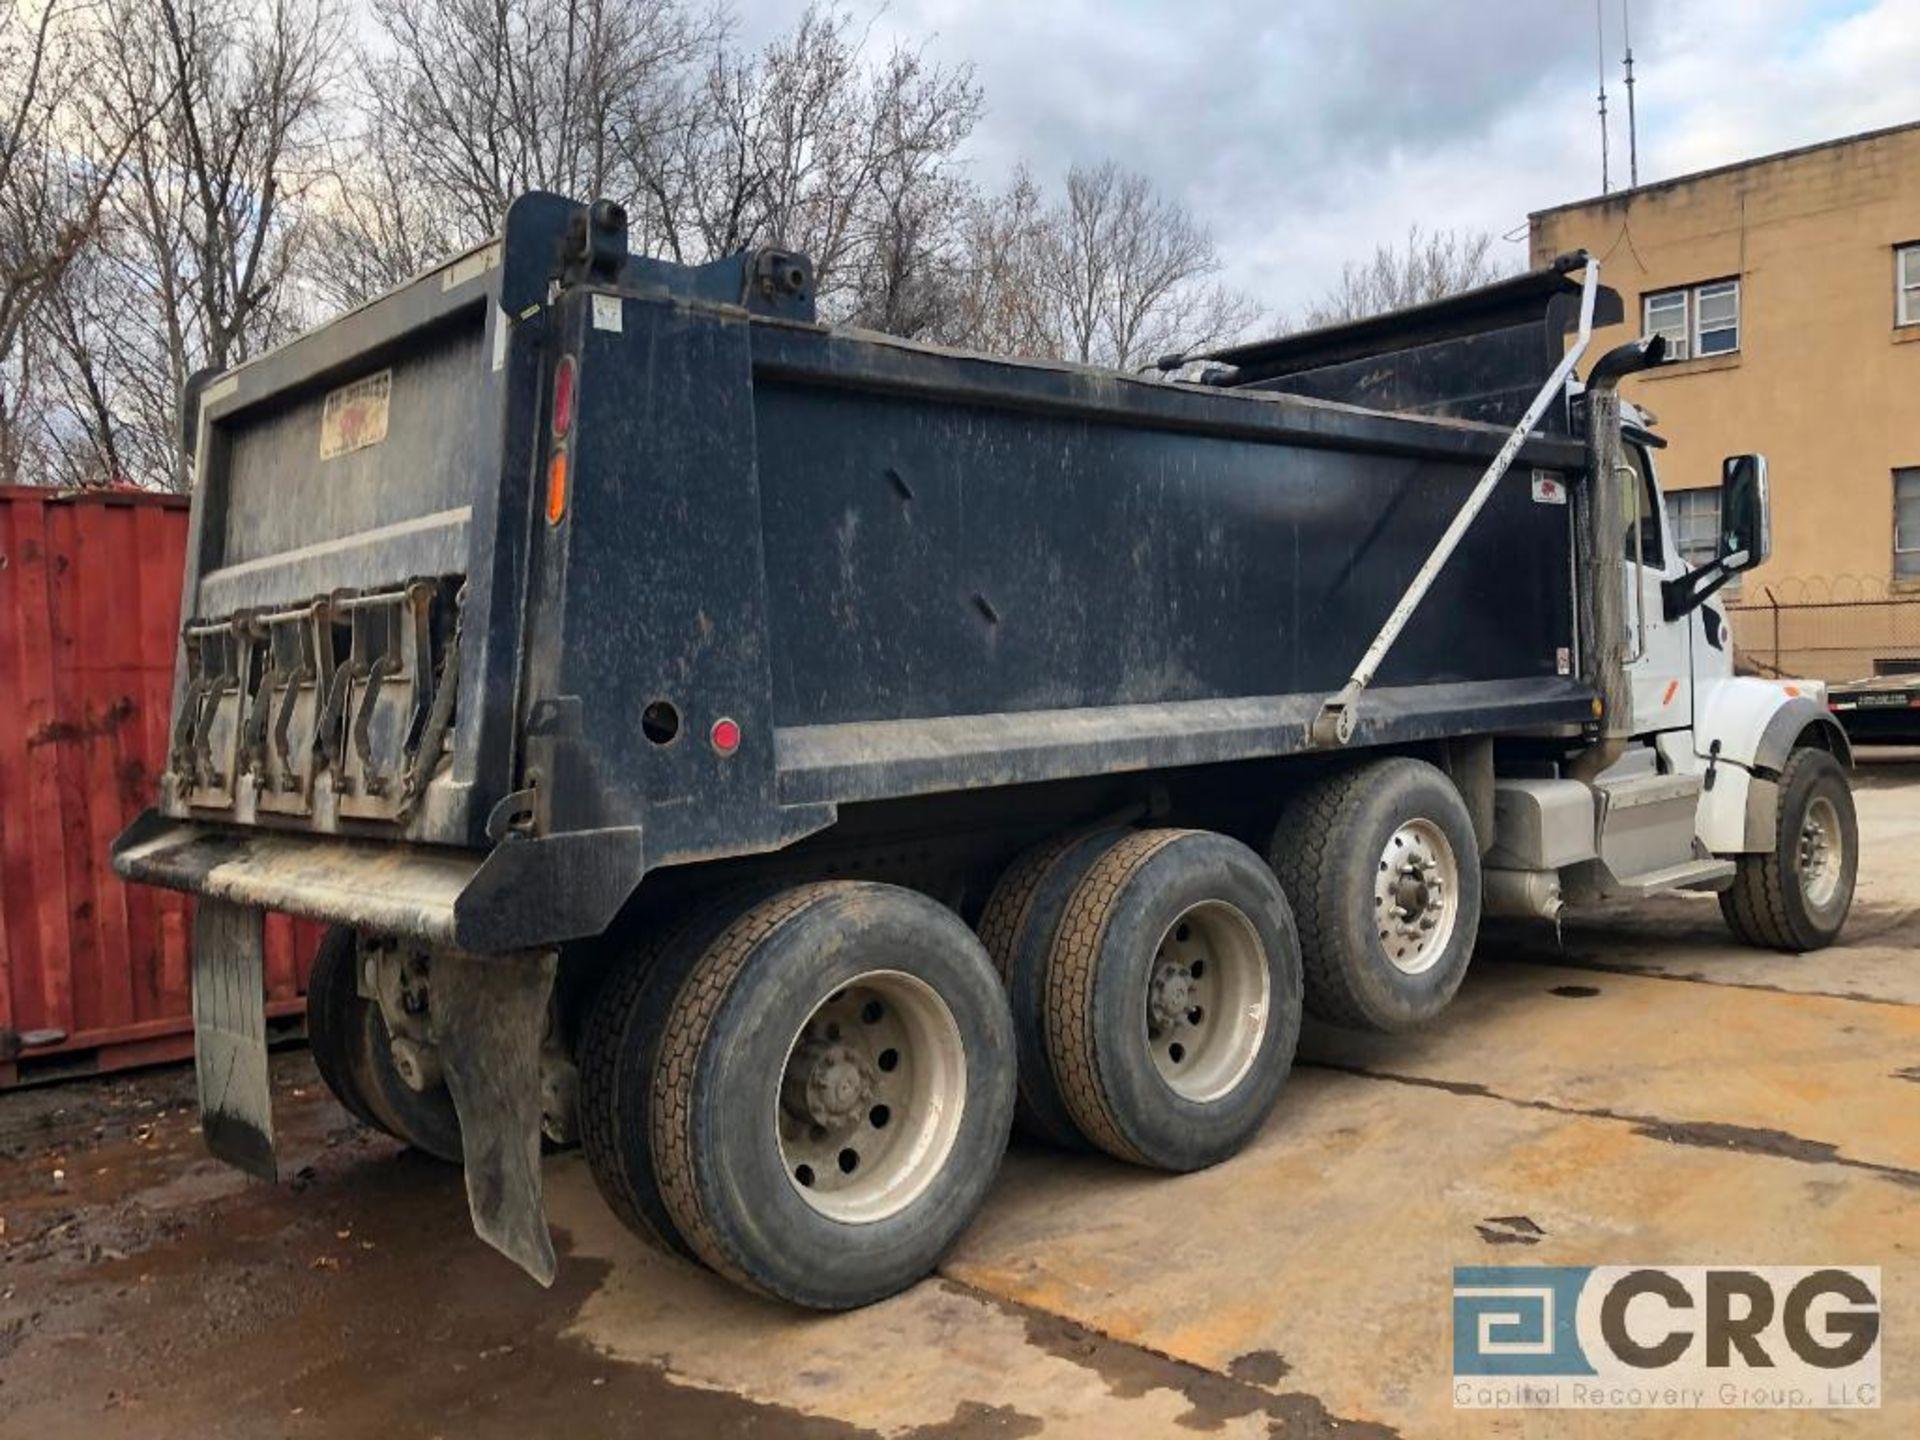 Lot 323 - 2017 Peterbuilt 567 Dump Truck, 20000 lbs Fronts, 46000 lbs Rears, 4:10 Gear Ratio, 18,000 lb